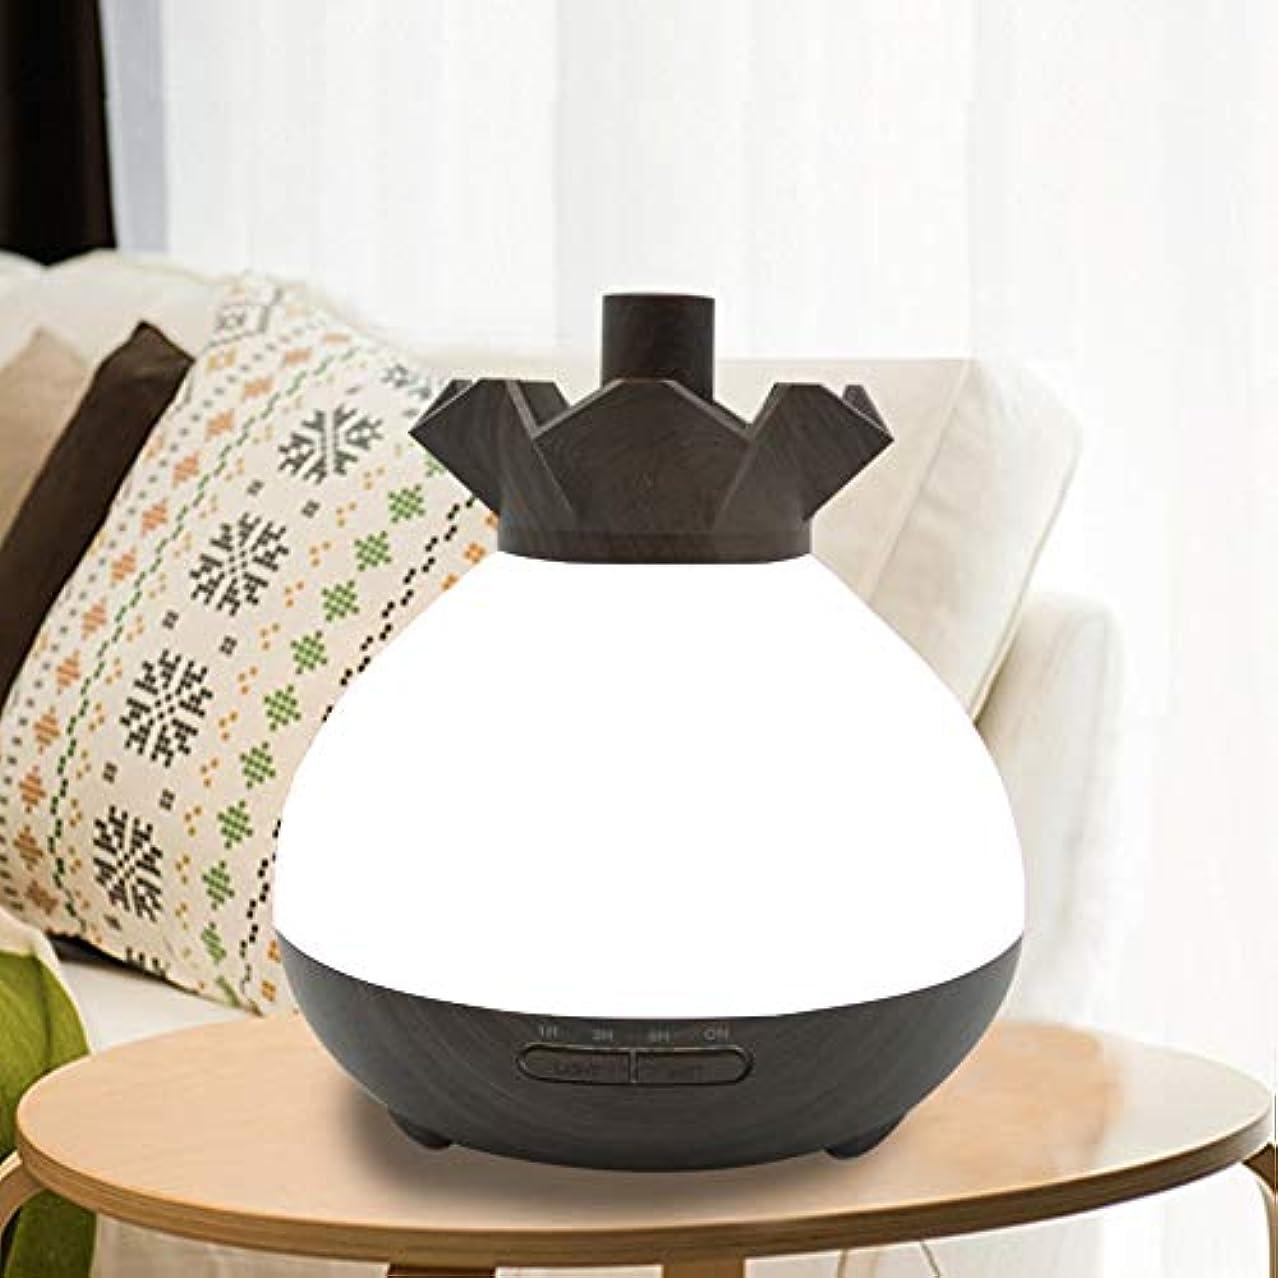 しつけストッキングユーモアWifiアプリコントロール 涼しい霧 加湿器,7 色 木目 空気を浄化 加湿機 プレミアム サイレント 精油 ディフューザー アロマネブライザー ベッド- 400ml